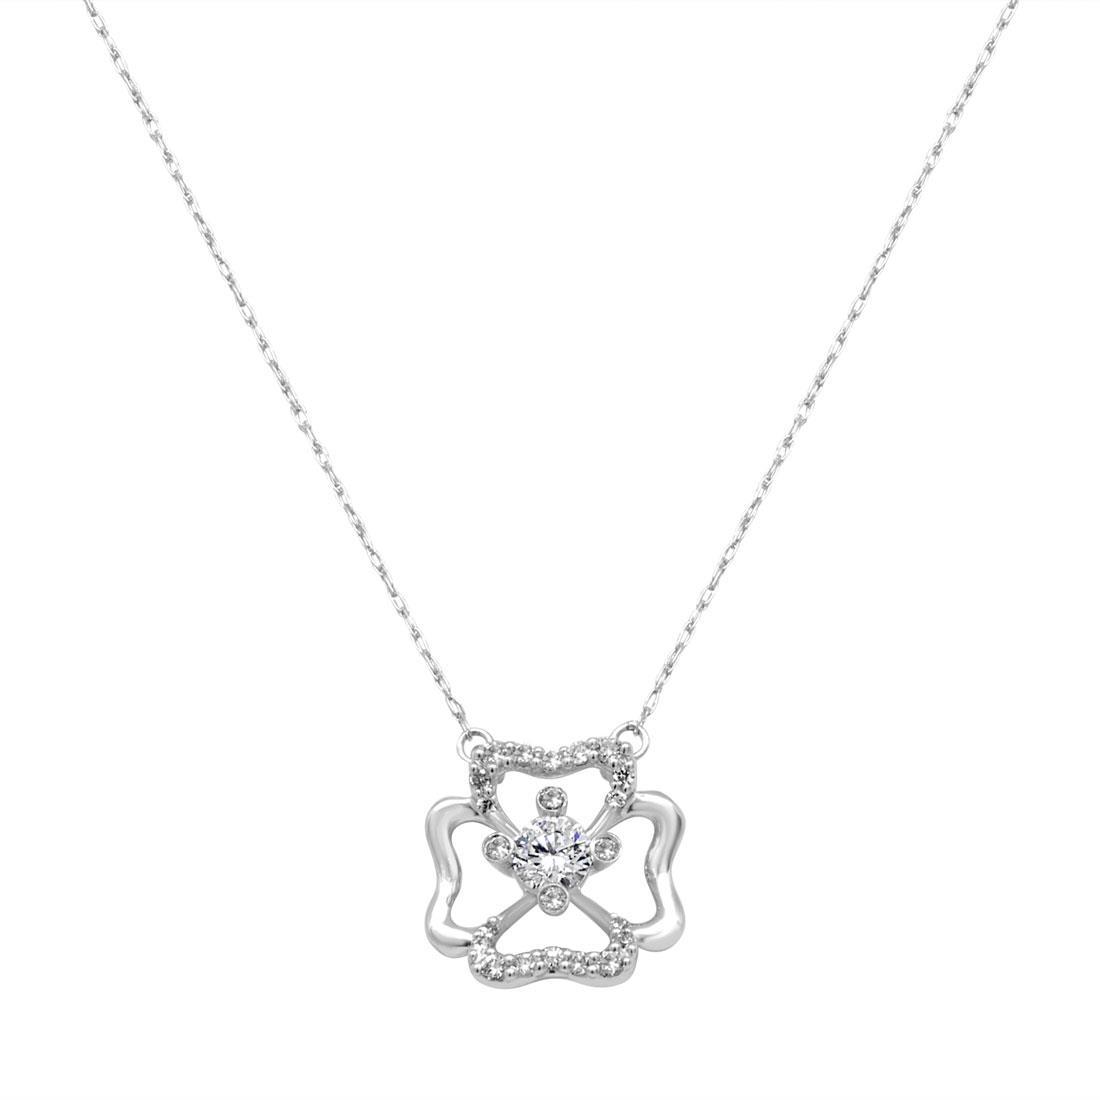 Collana in oro bianco con diamanti a forma fiore - BLISS